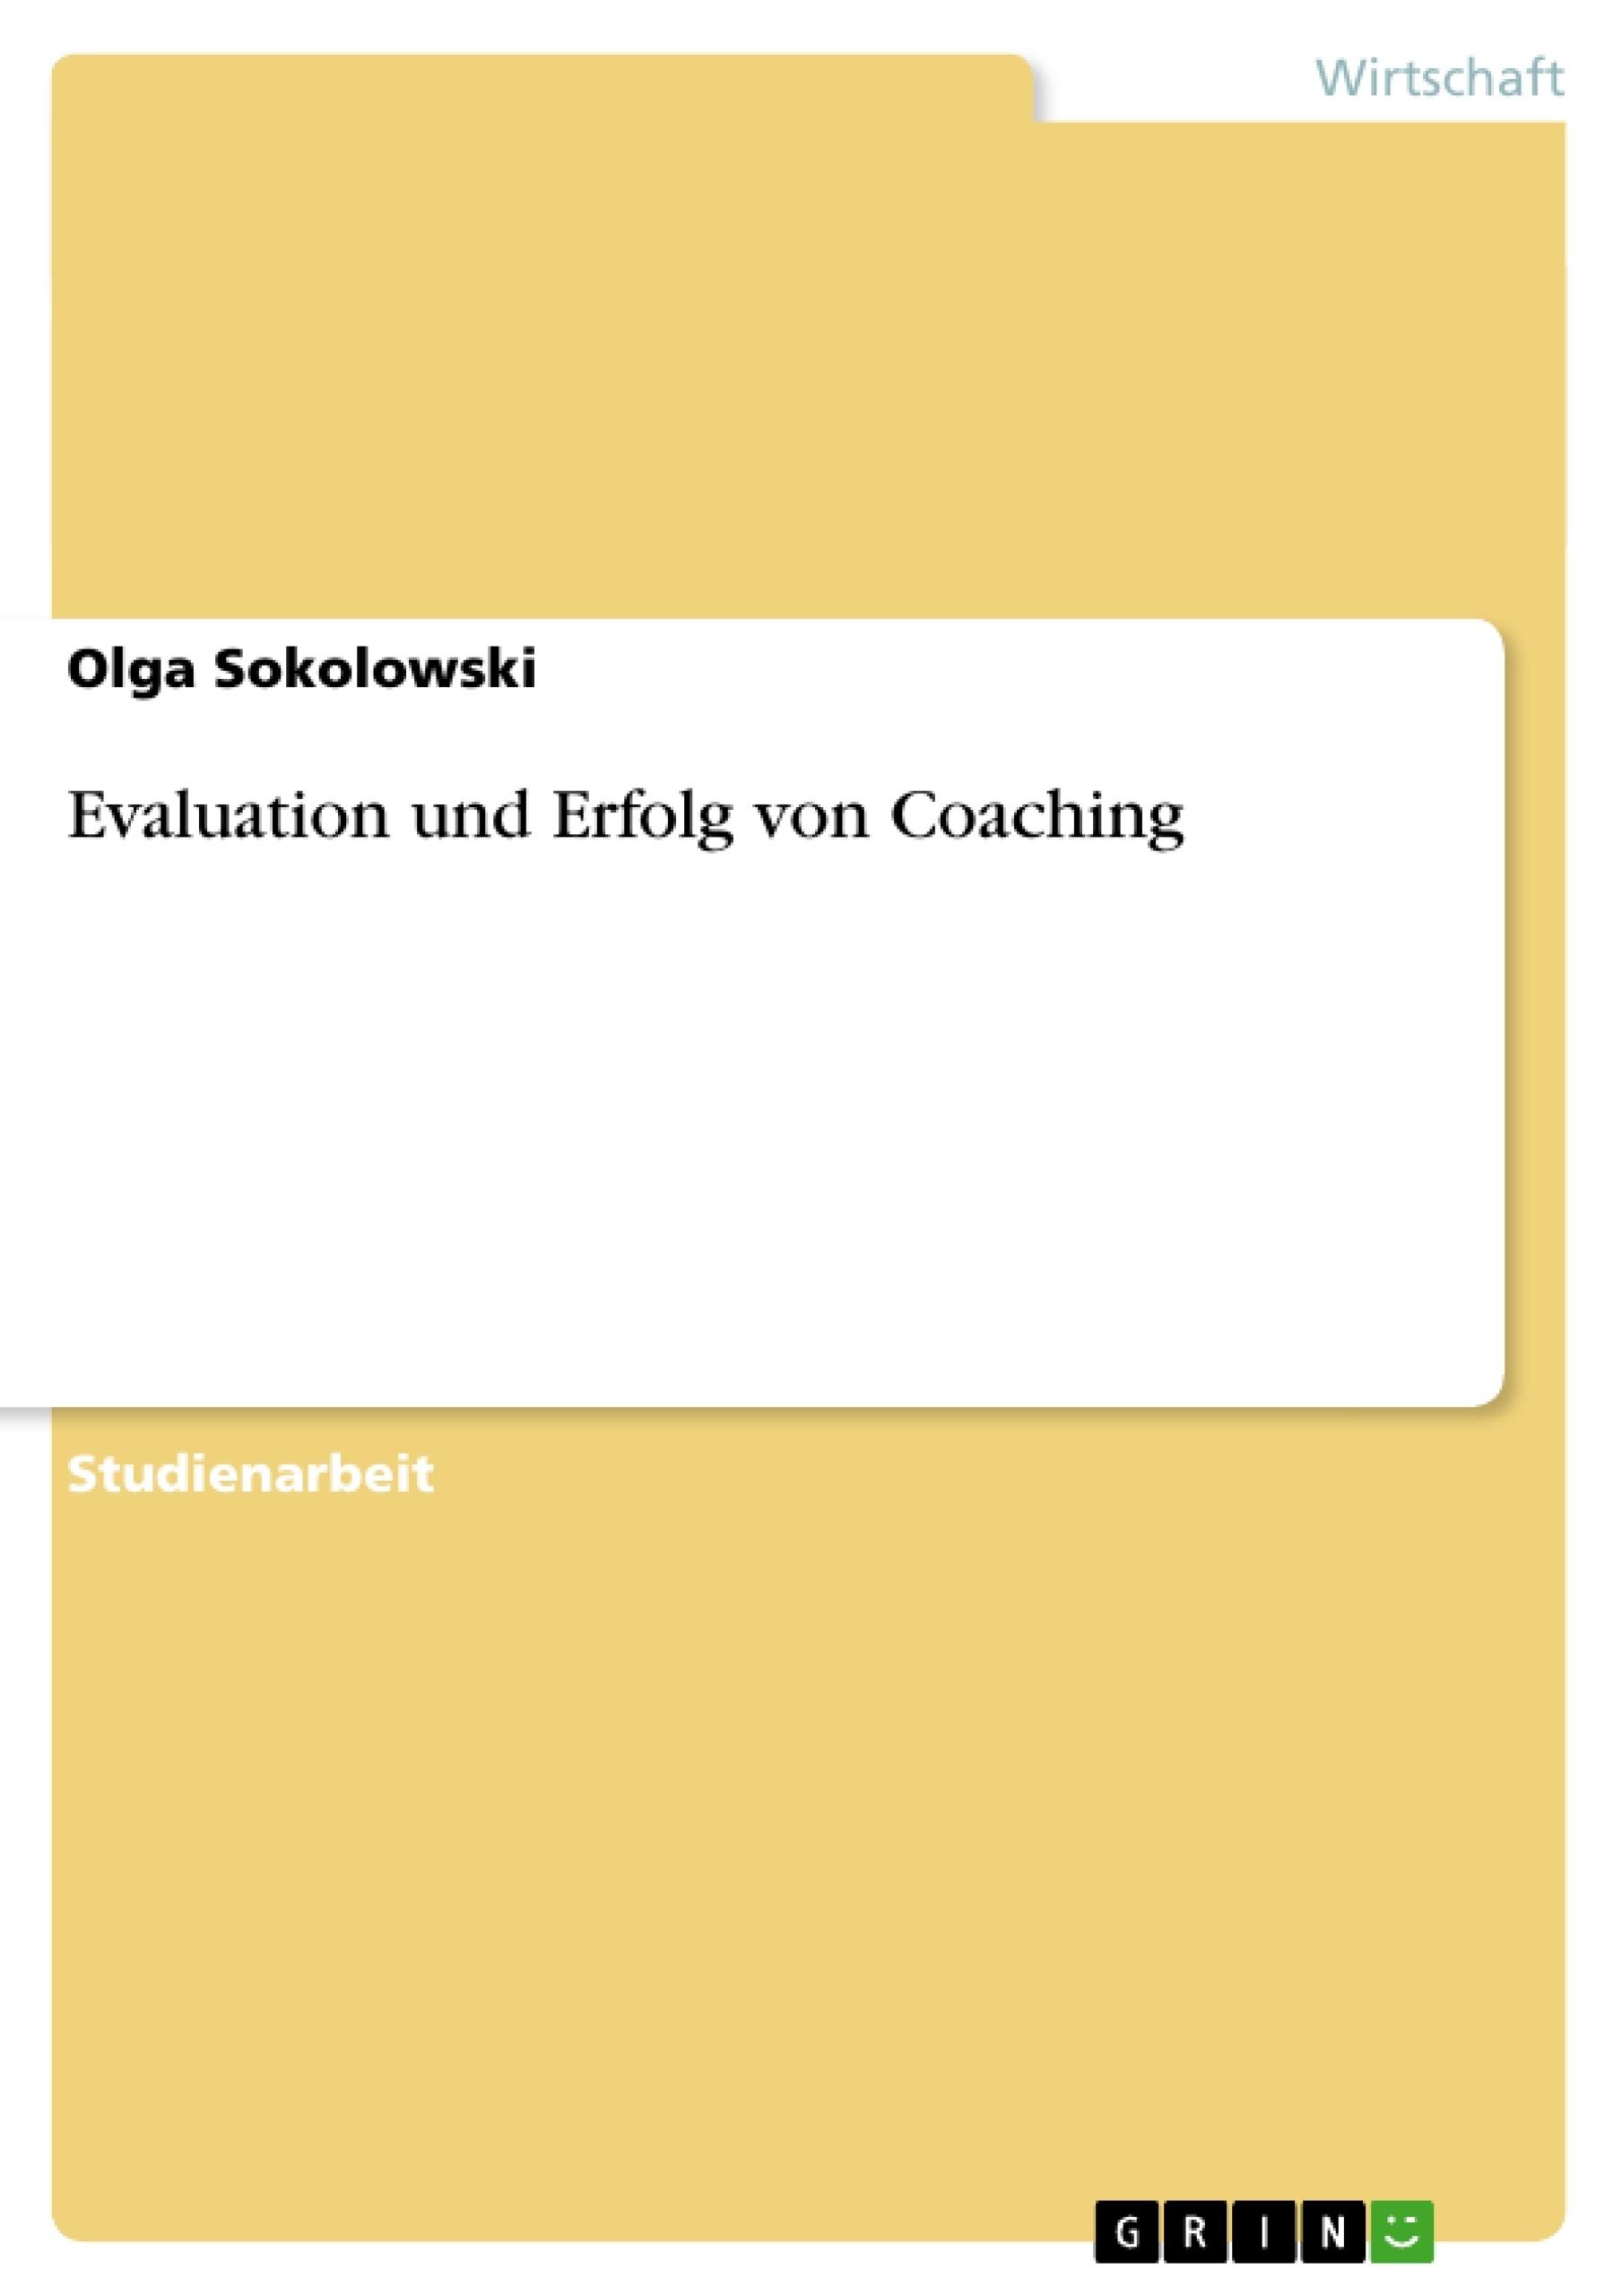 Titel: Evaluation und Erfolg von Coaching